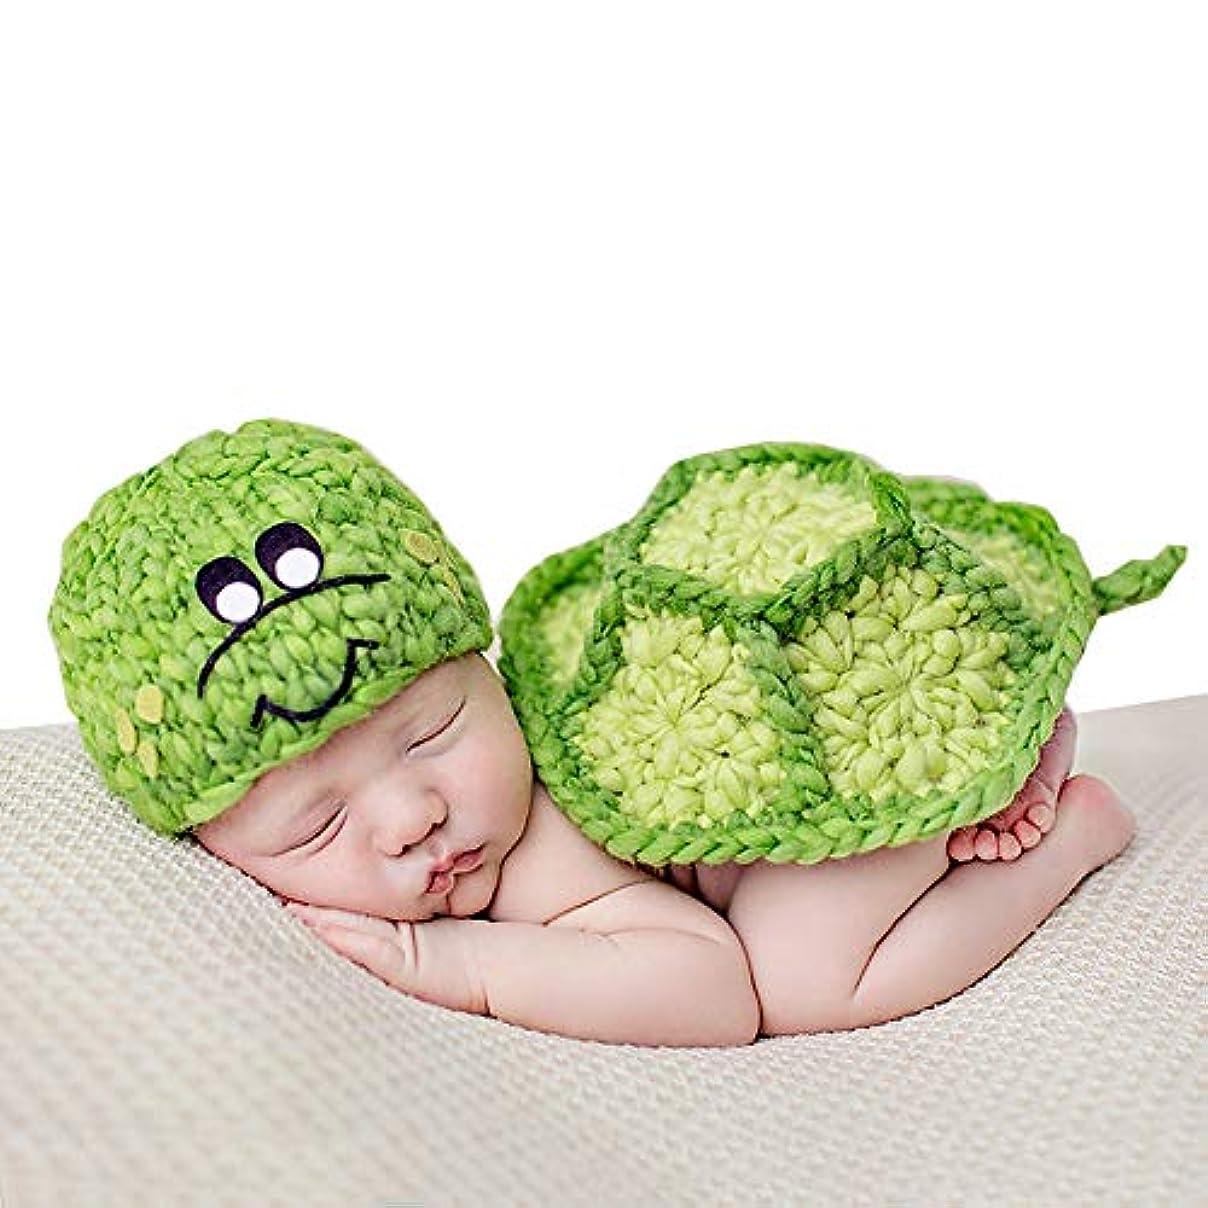 弁護人フェザー証言するベビー用着ぐるみ 寝相アート ベビーコスチューム 新生児 赤ちゃん 写真を撮る道具